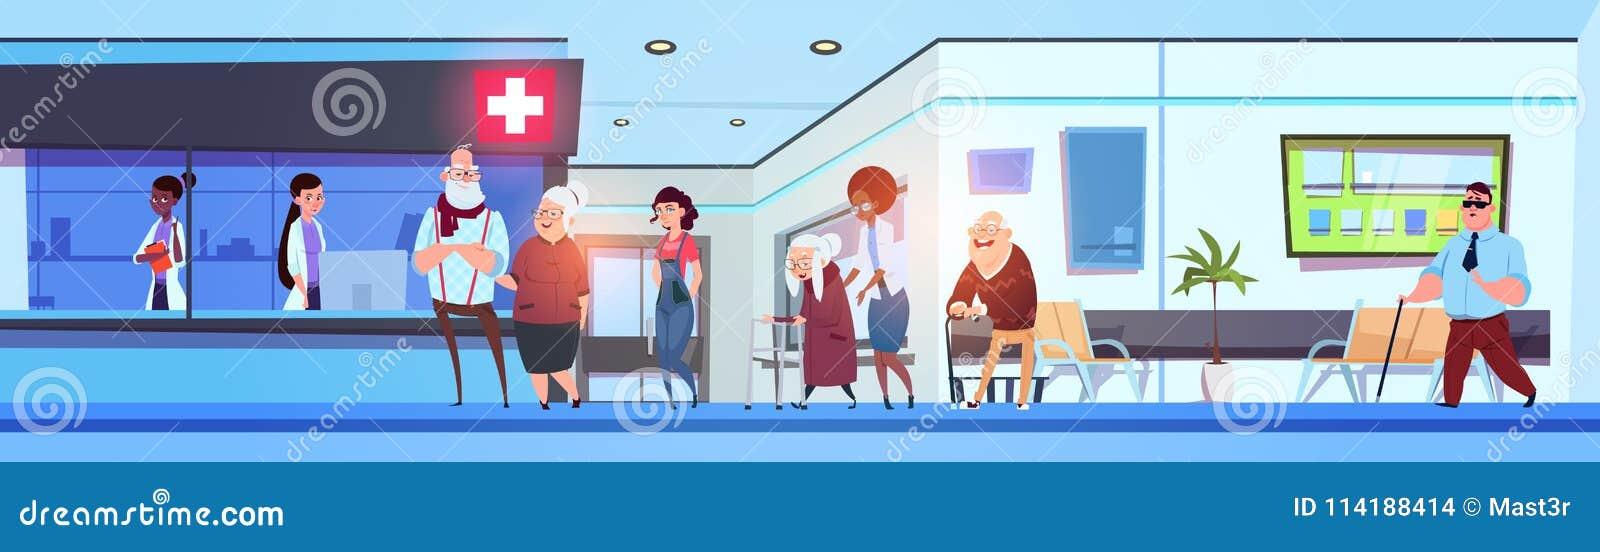 Εσωτερικοί ασθενείς και γιατροί αιθουσών νοσοκομείων στο οριζόντιο έμβλημα αίθουσας αναμονής κλινικών